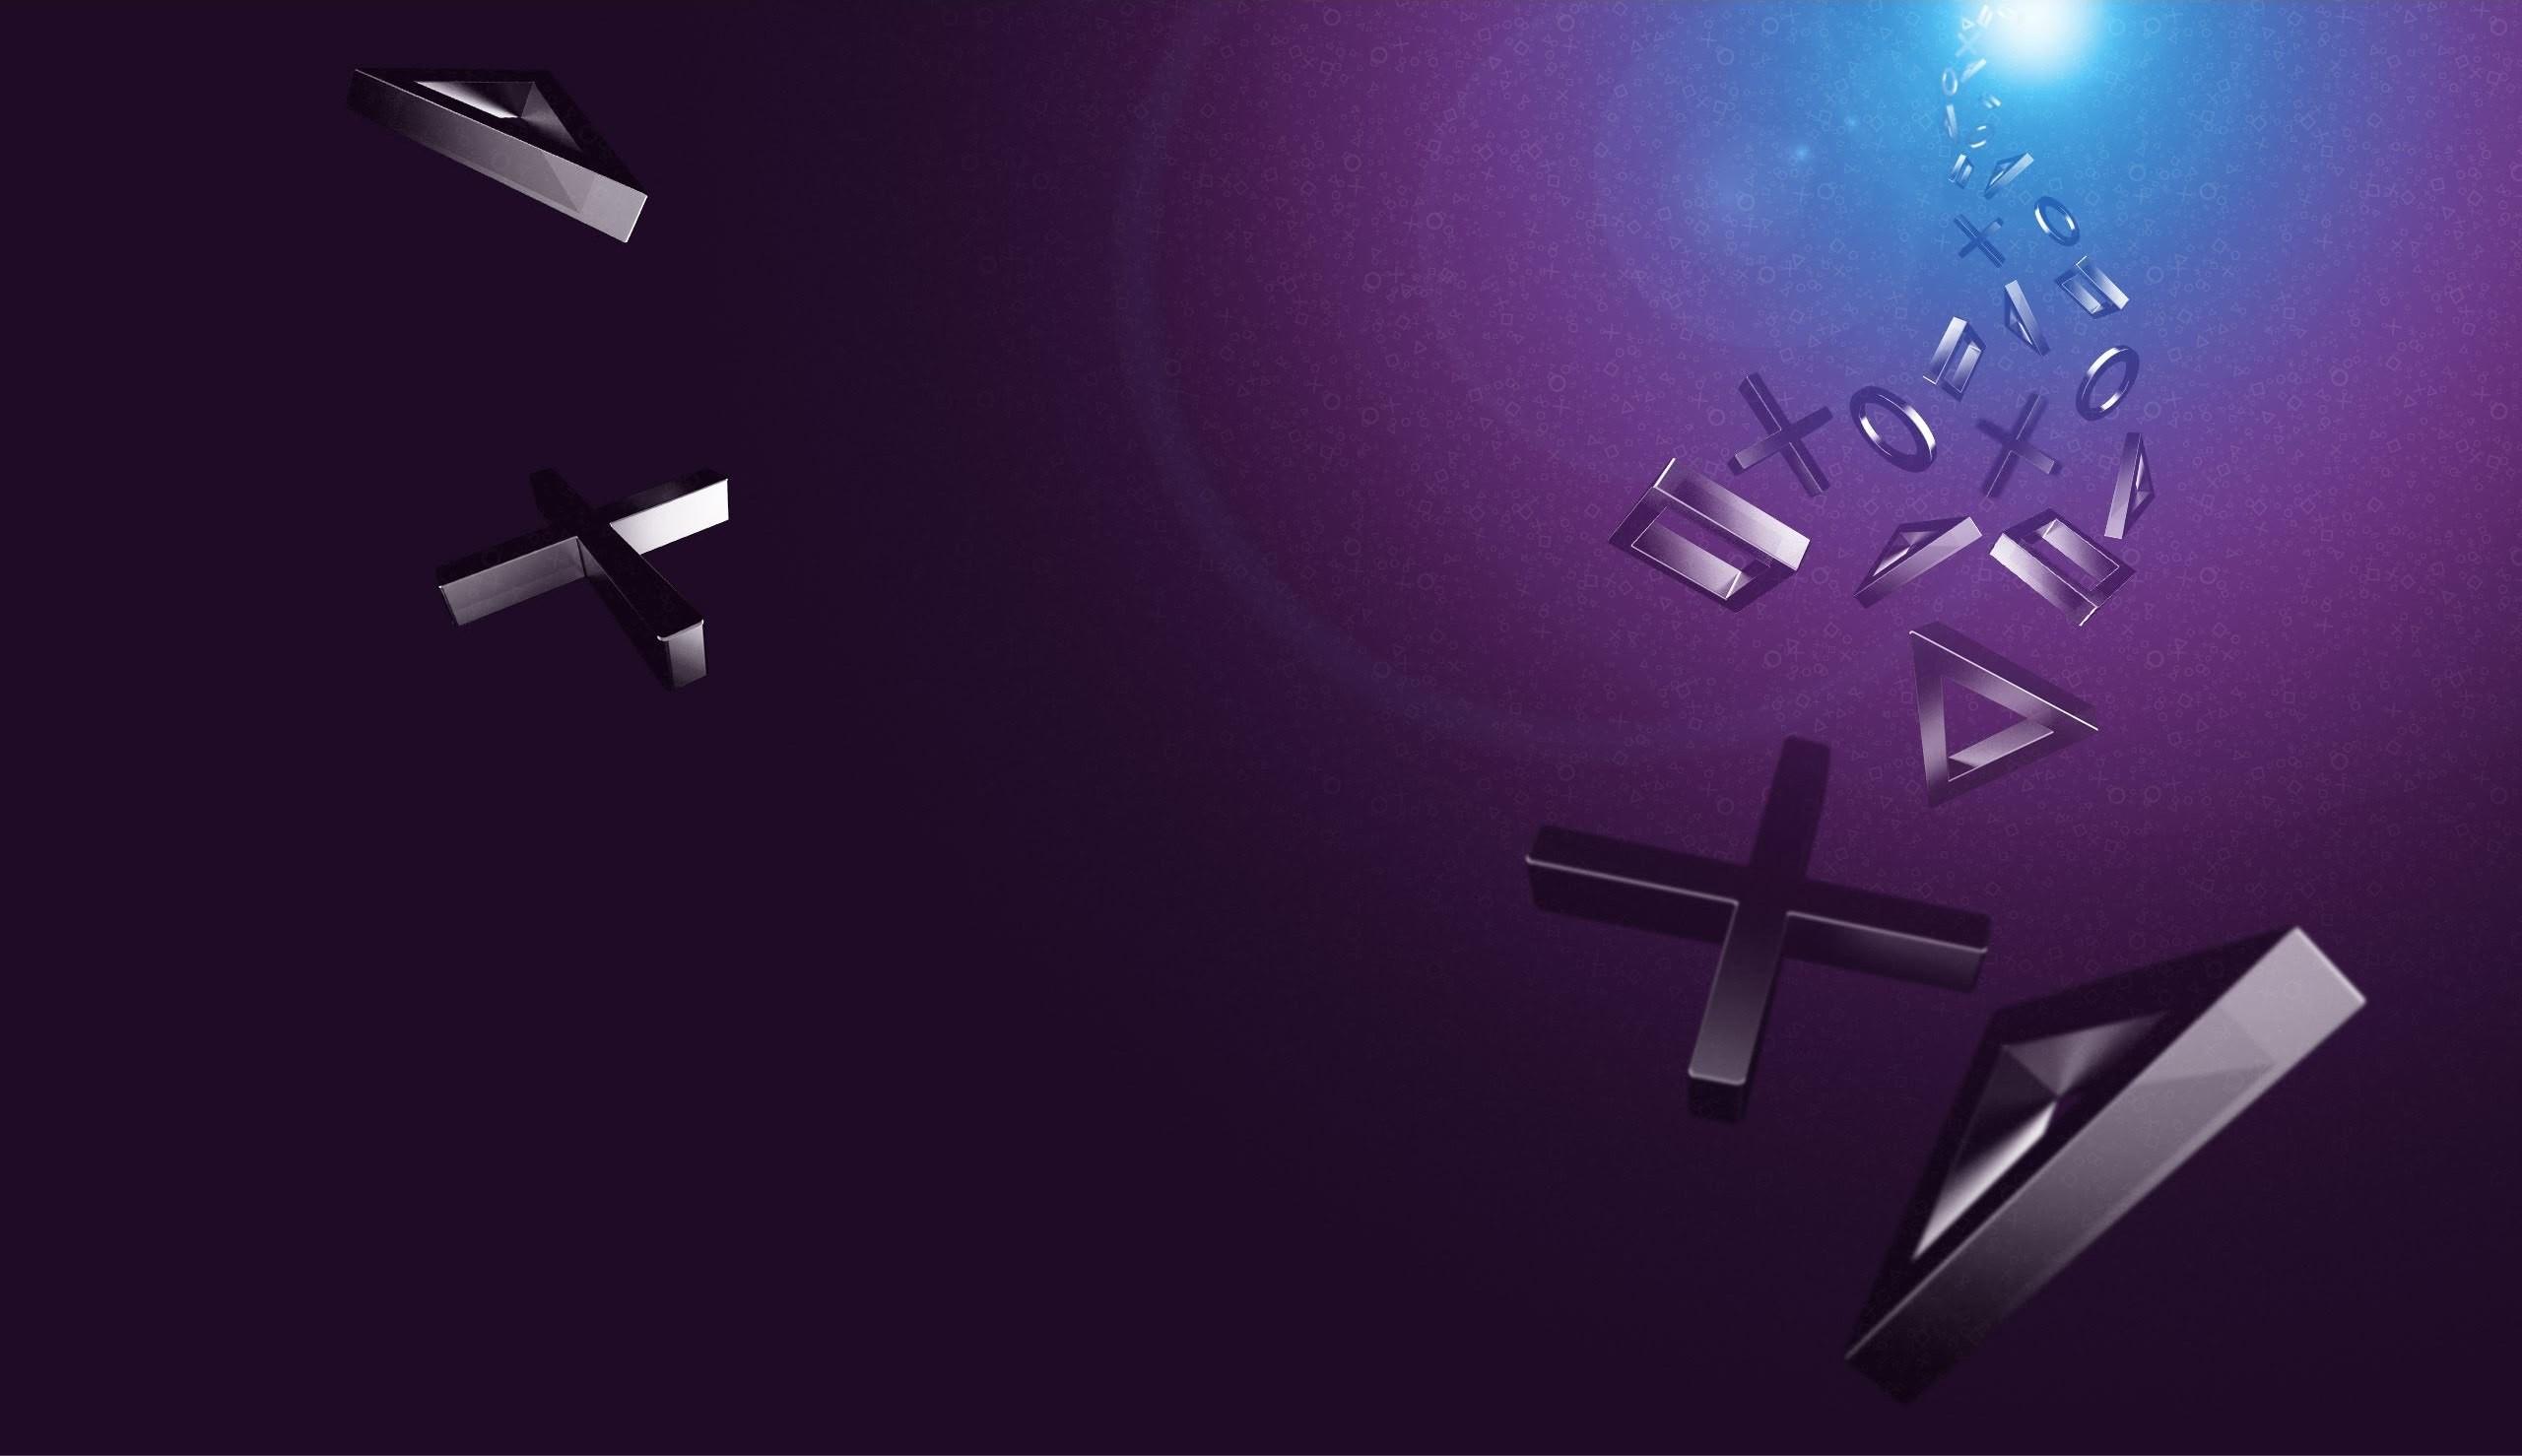 PlayStation Logos Wallpaper